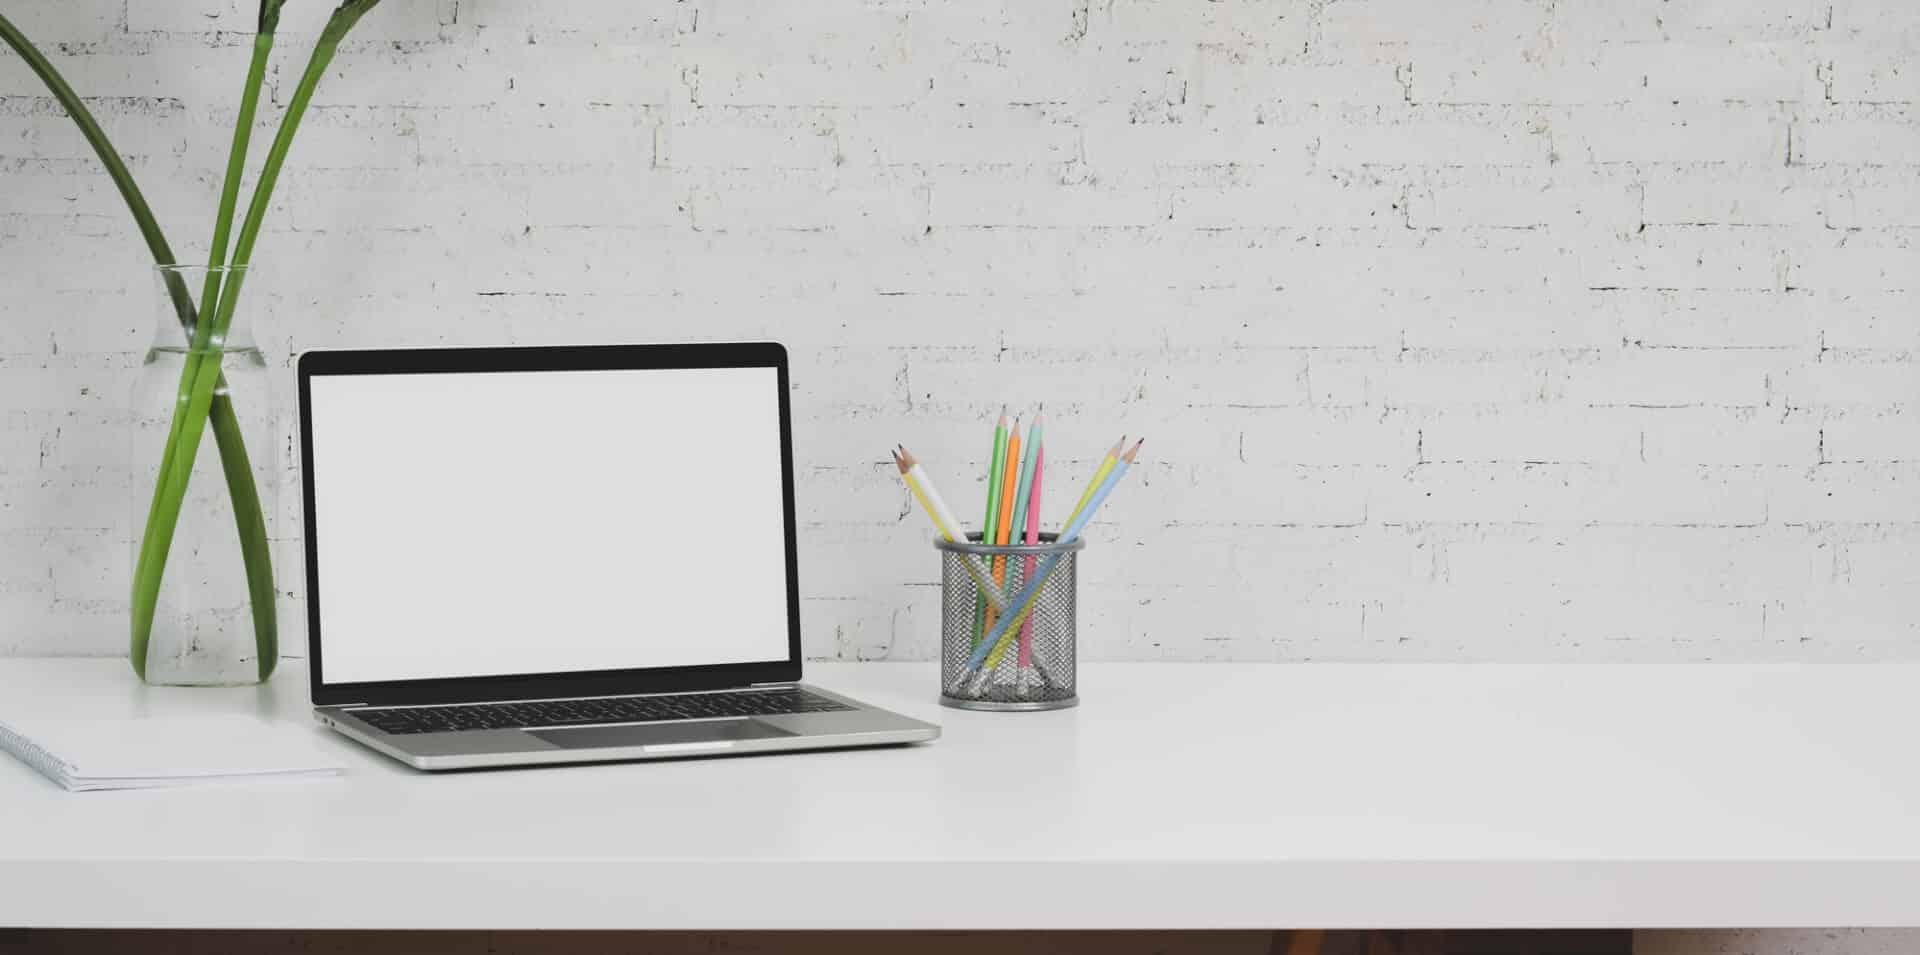 Tipos de certificados digitais: qual o melhor para sua empresa?